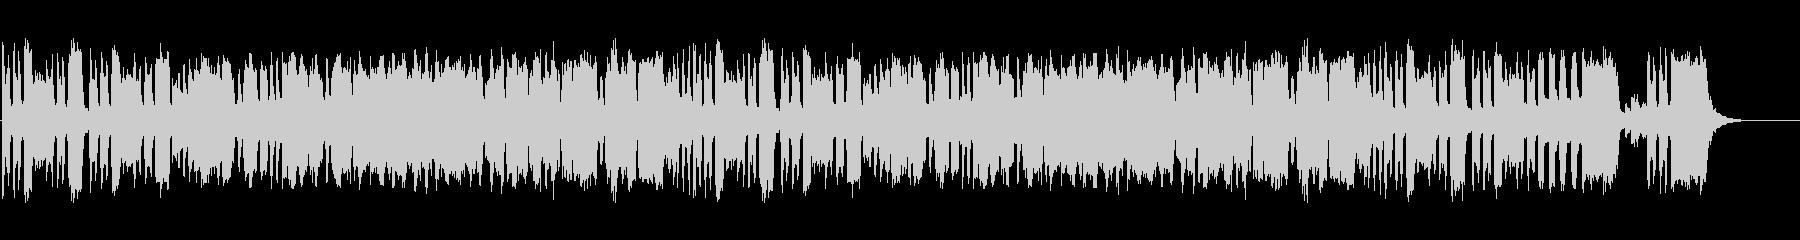 ほのぼのしたリコーダー二重奏の未再生の波形